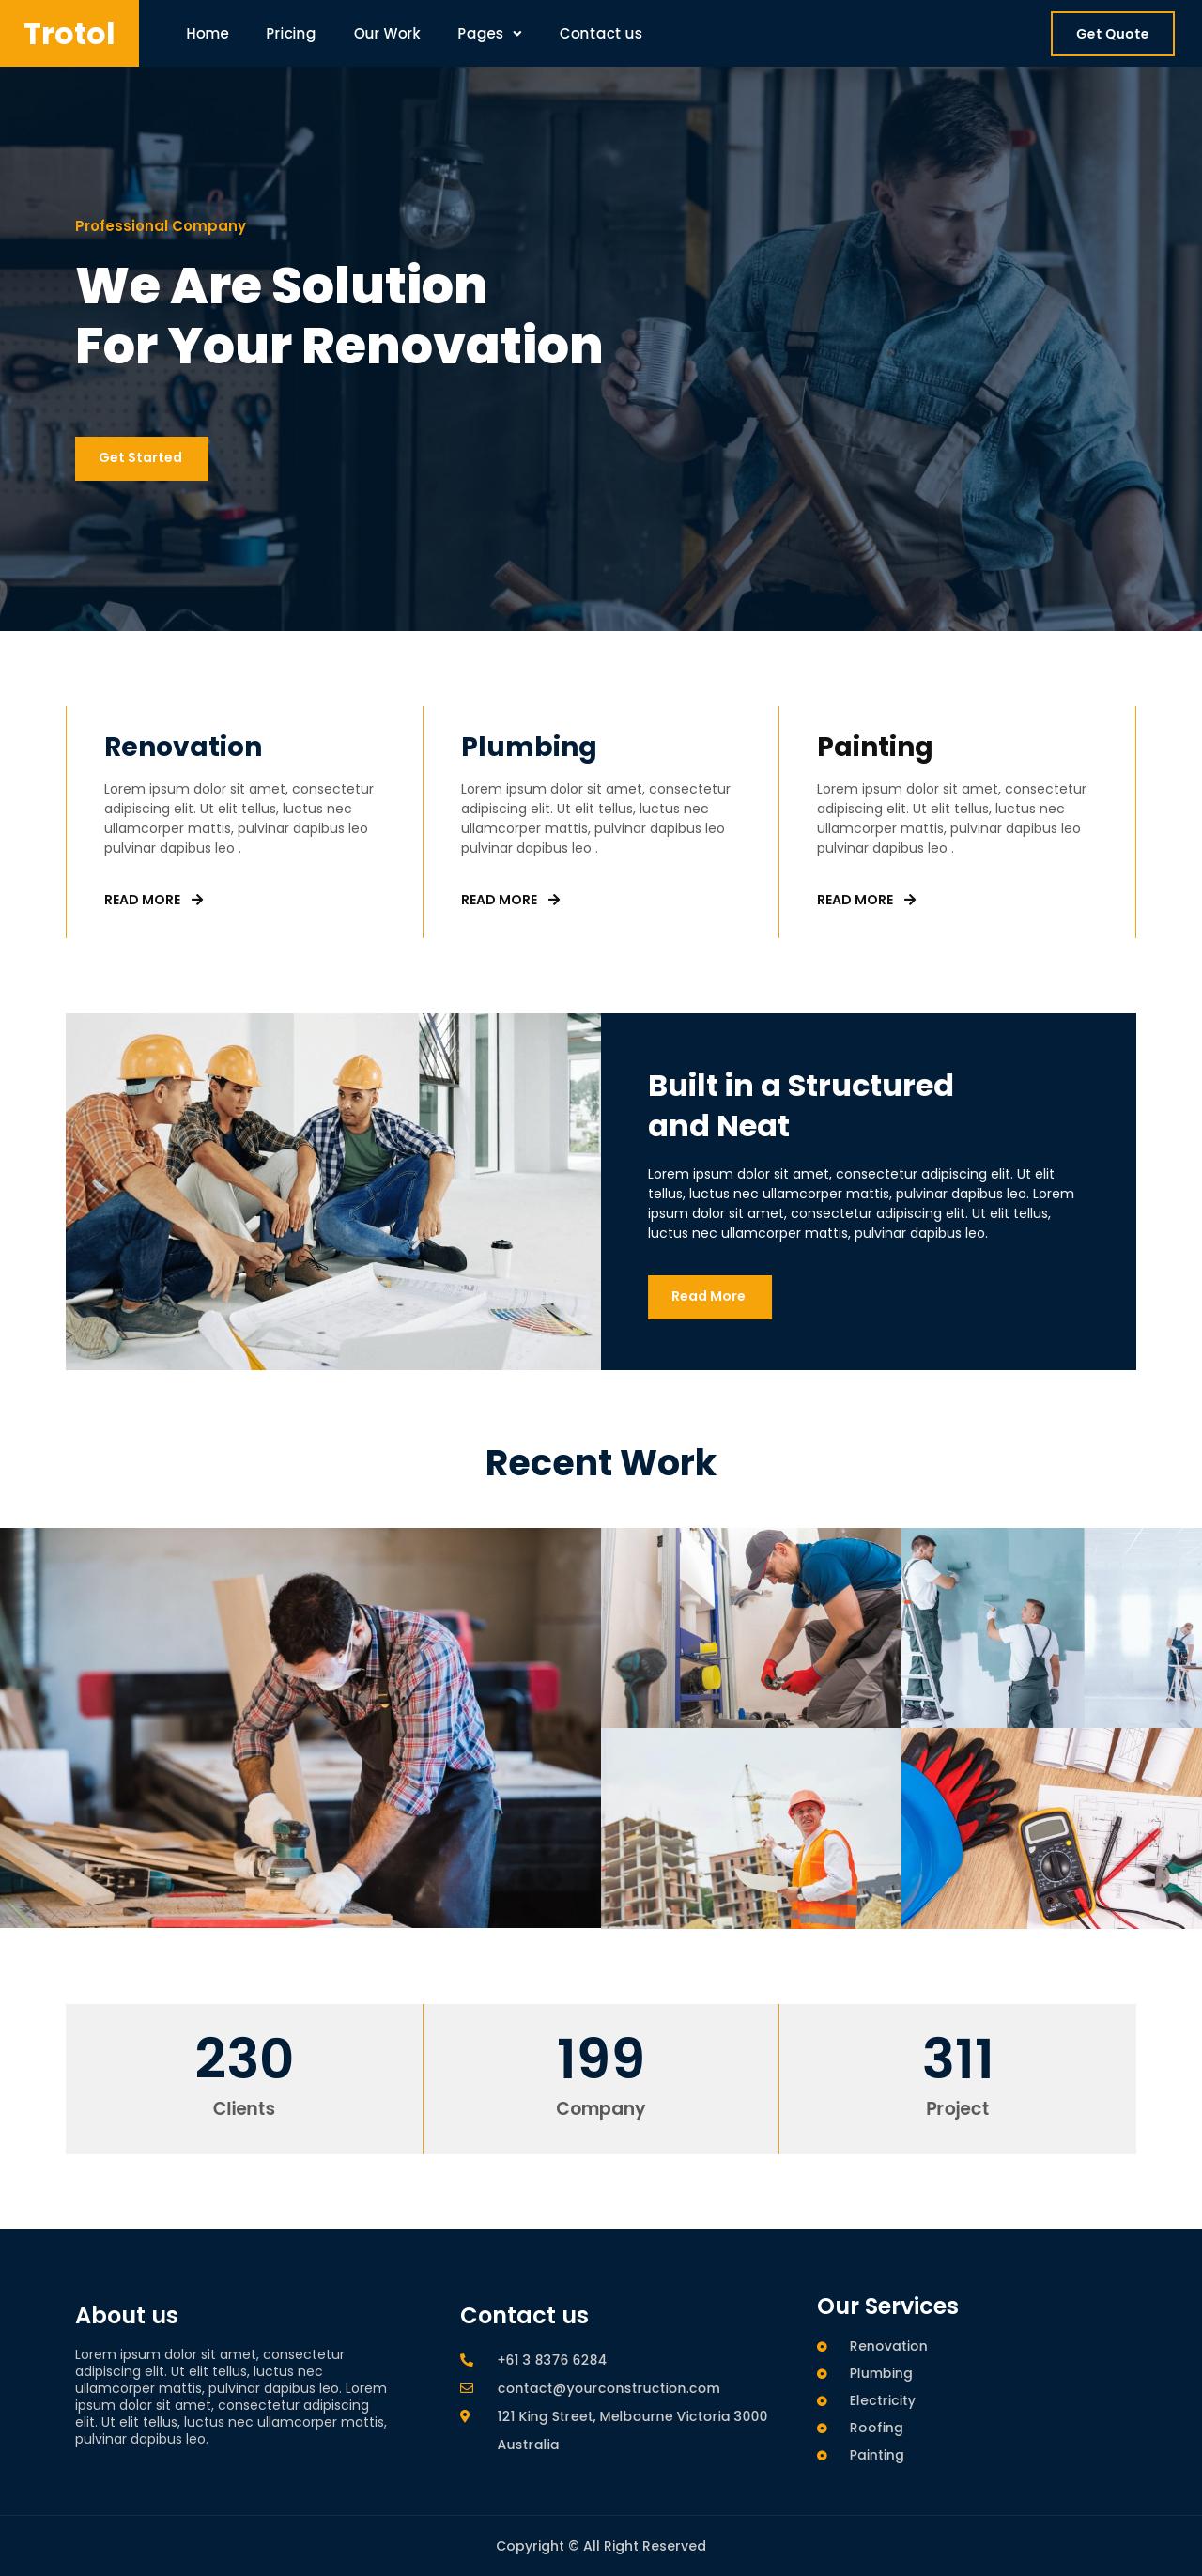 Ny hjemmeside gulvfirma og Webdesigner og seo-optimering, Ny hjemmeside VVS Blikkenslager kloak inkl. SEO